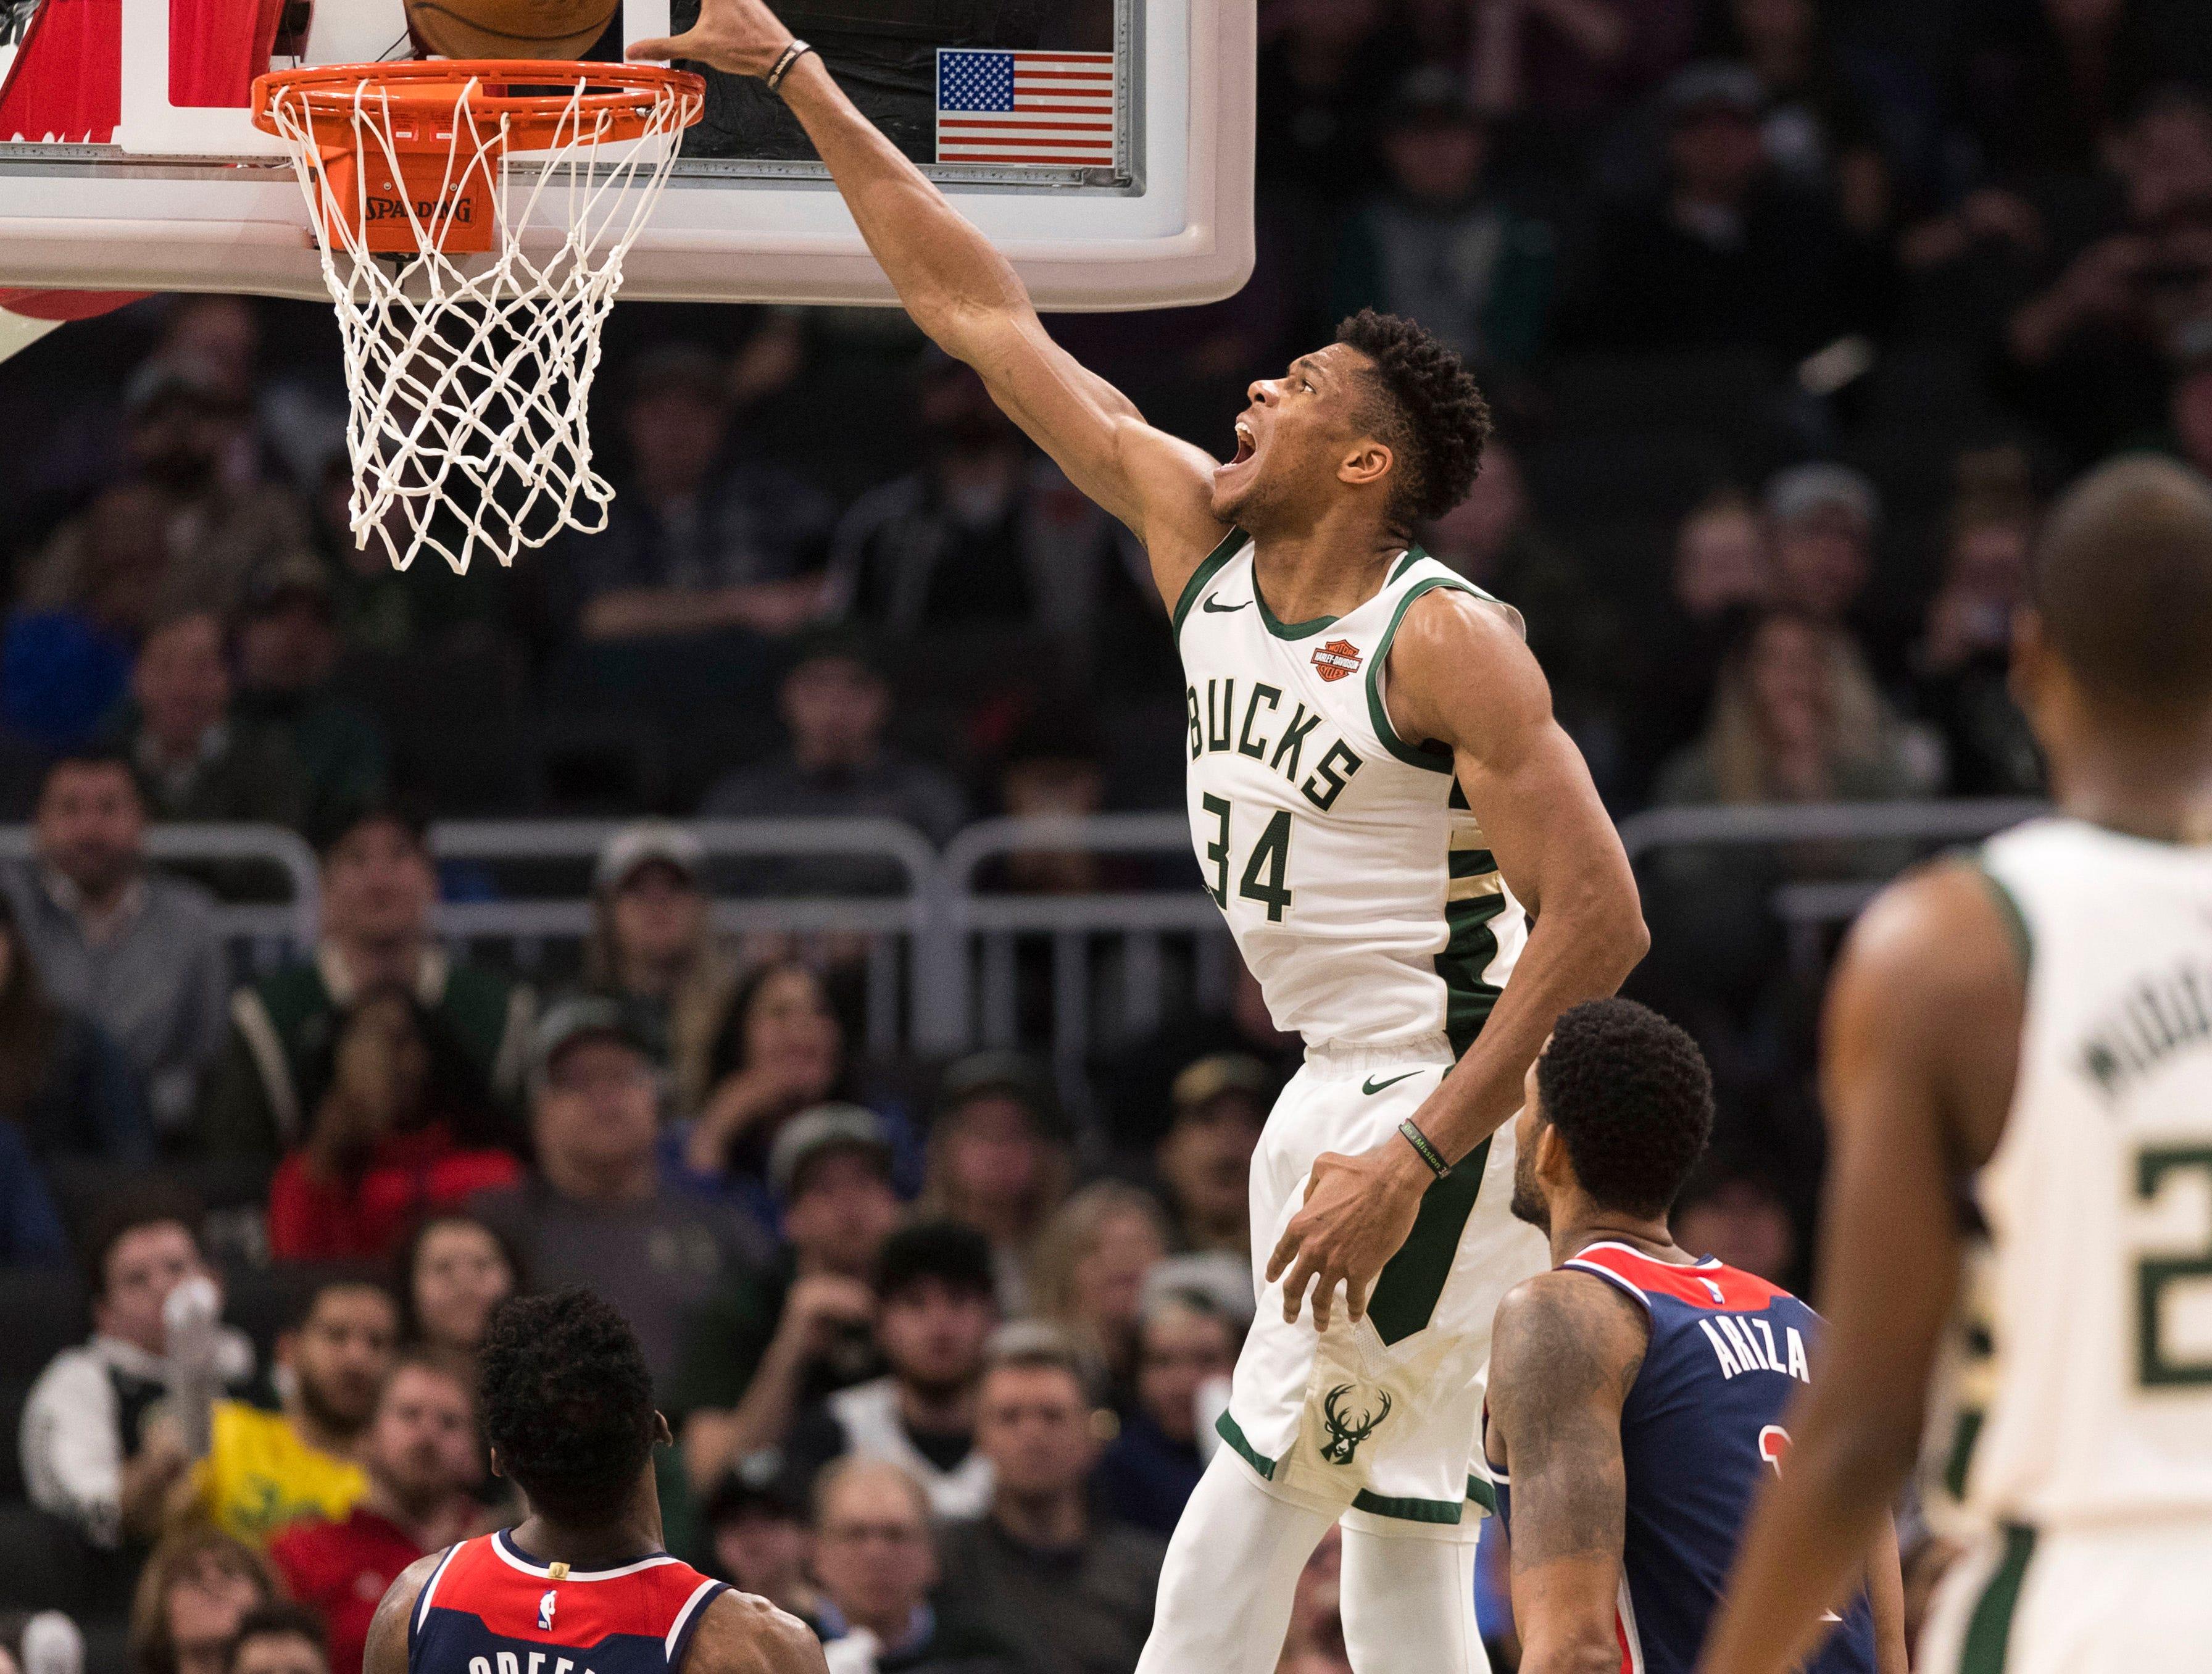 Feb. 6: Milwaukee Bucks forward Giannis Antetokounmpo dunks during the third quarter against the Washington Wizards.